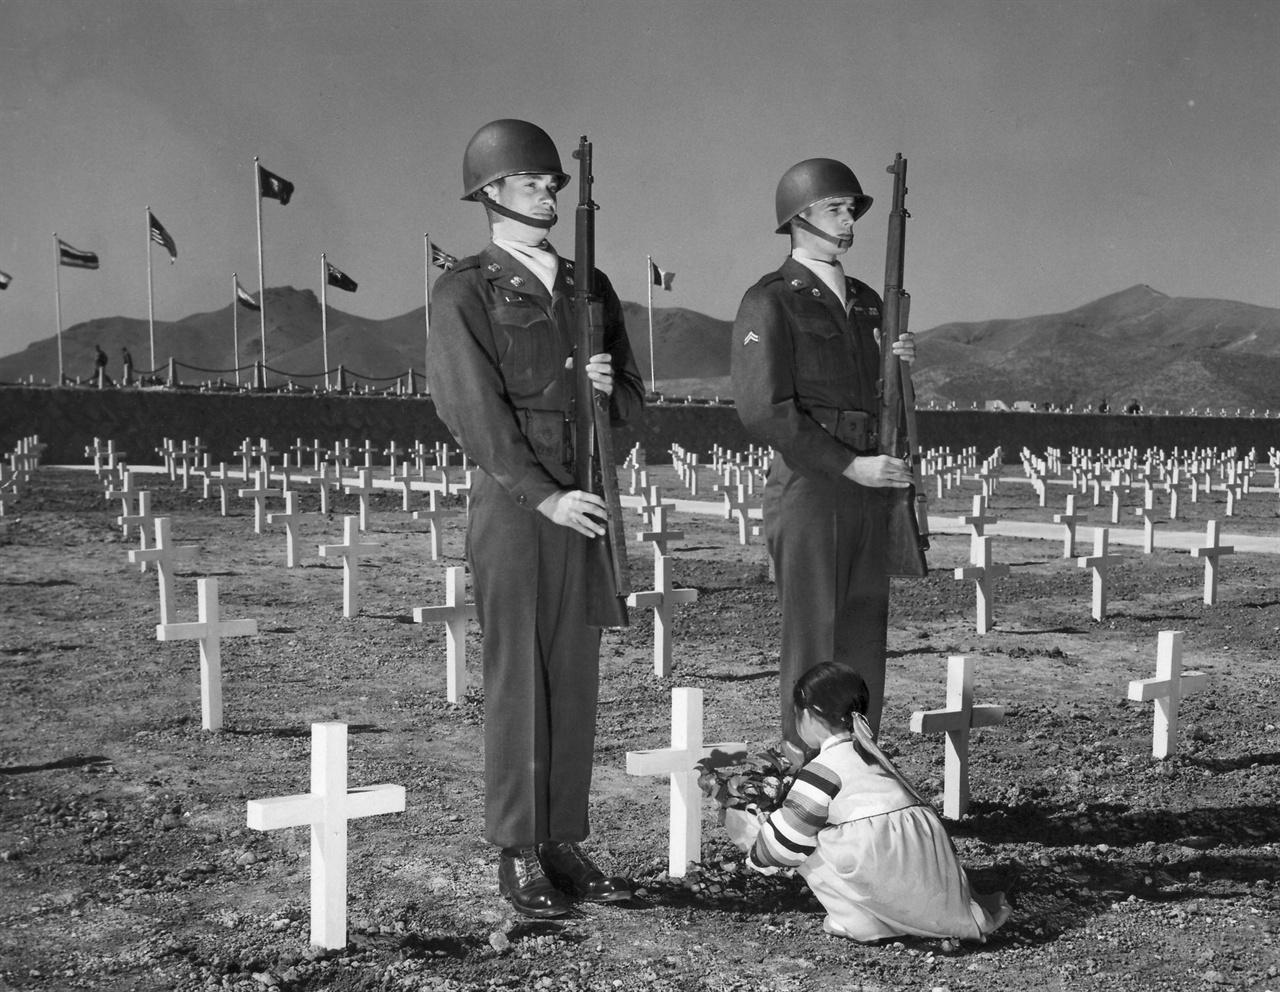 1951. 4. 부산 유엔군 묘지에 헌화하는 소녀.